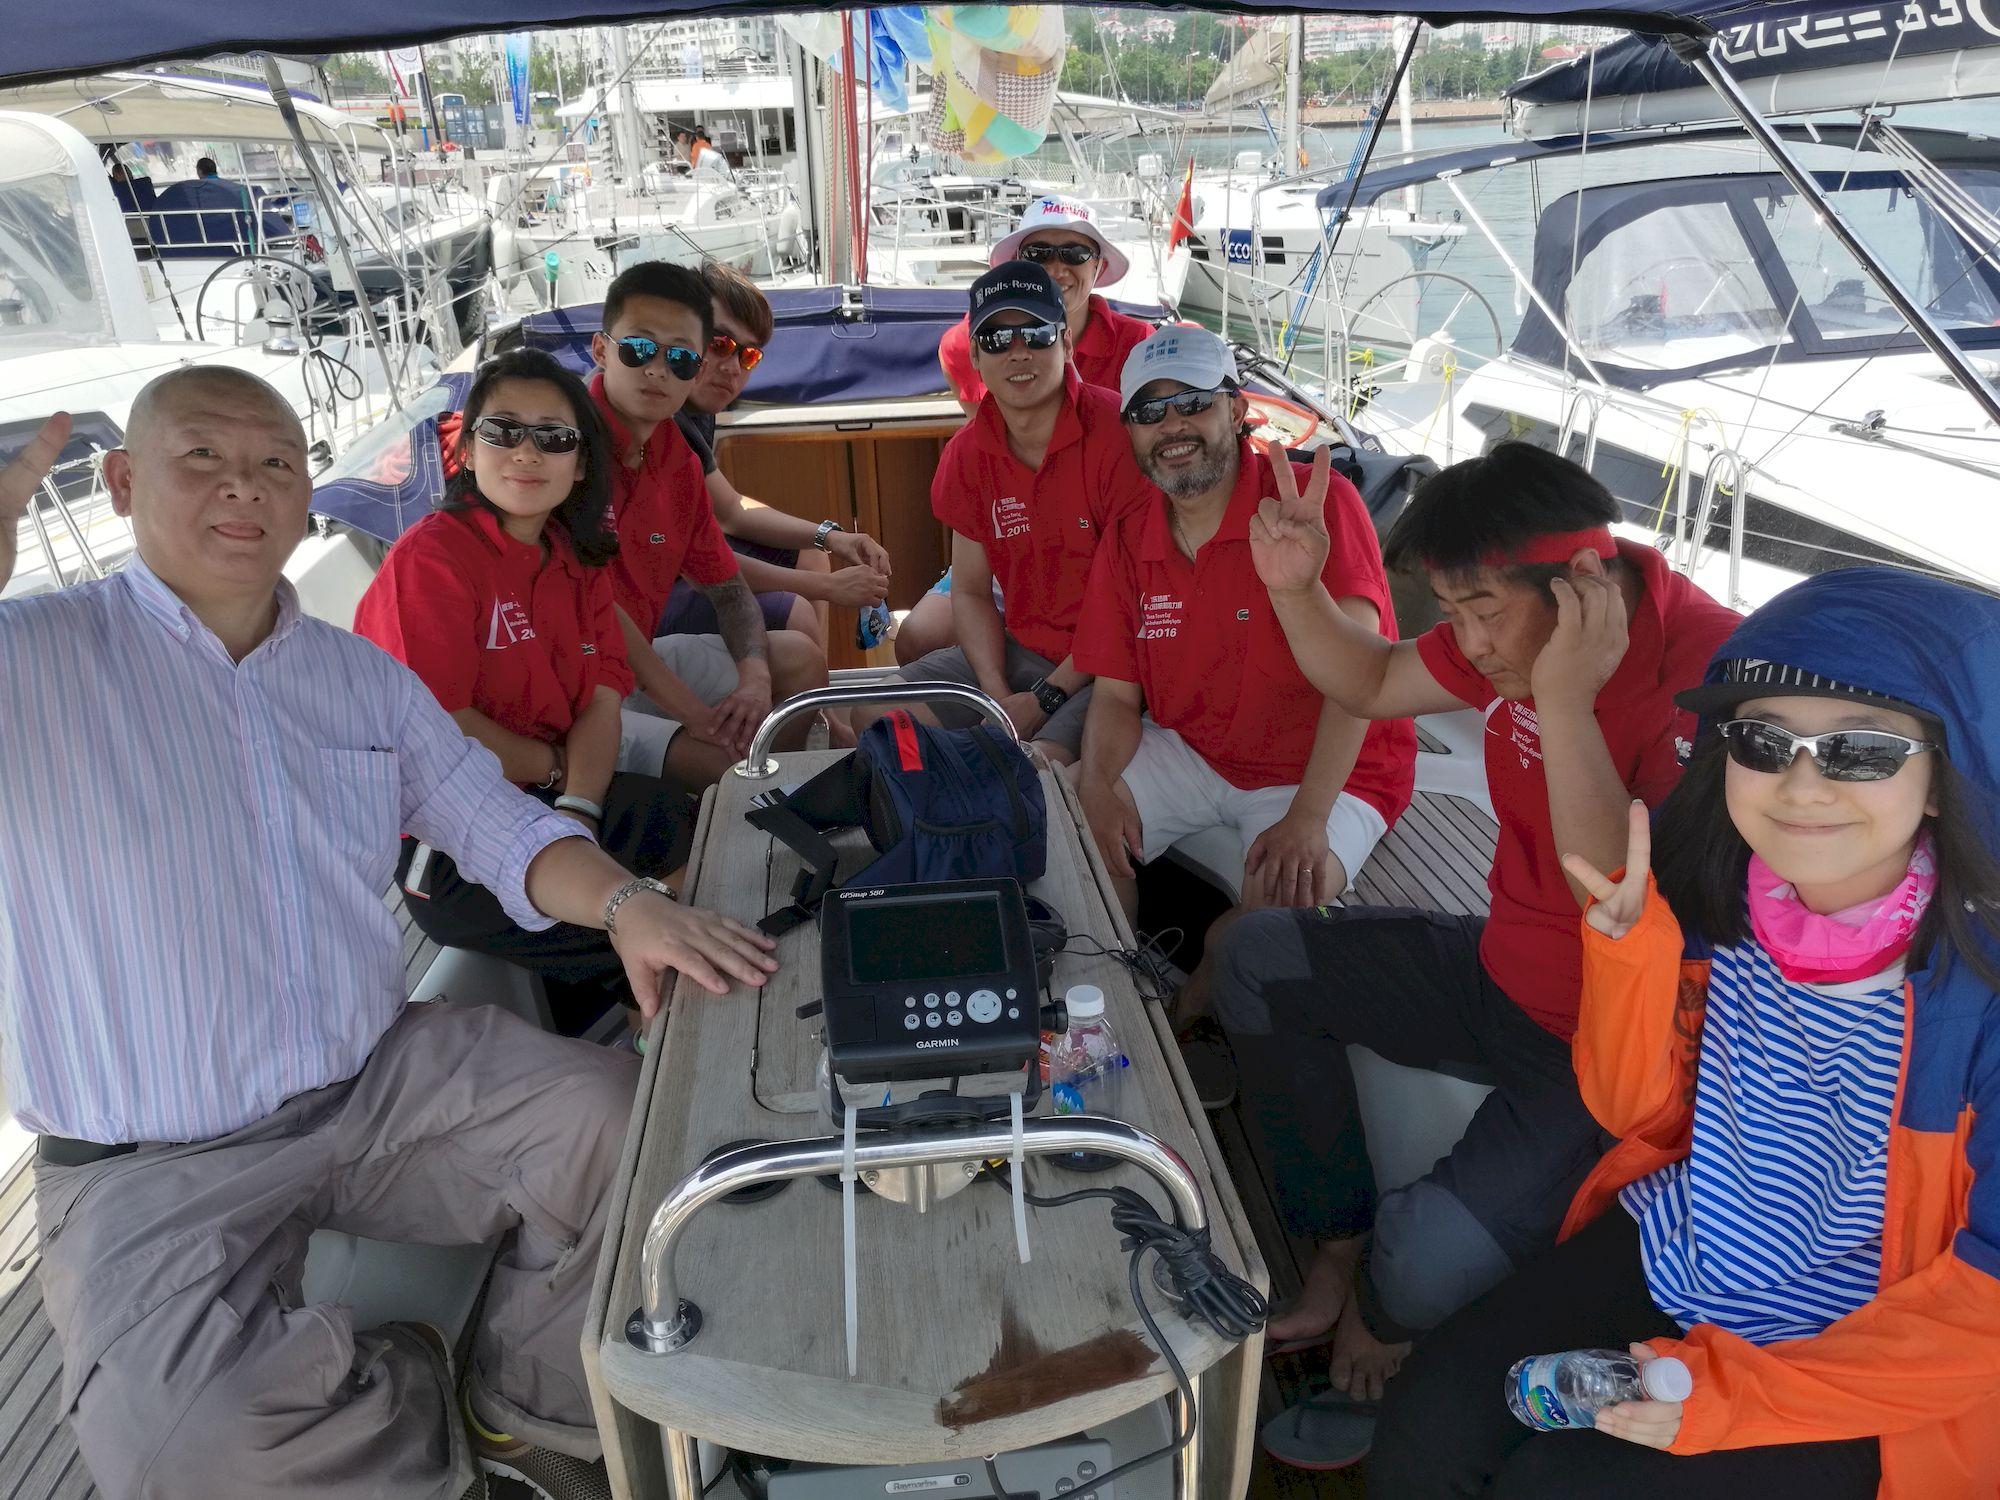 002-IMG_2778_千帆俱乐部我要航海网帆船队-2016威海-仁川国际帆船赛.JPG